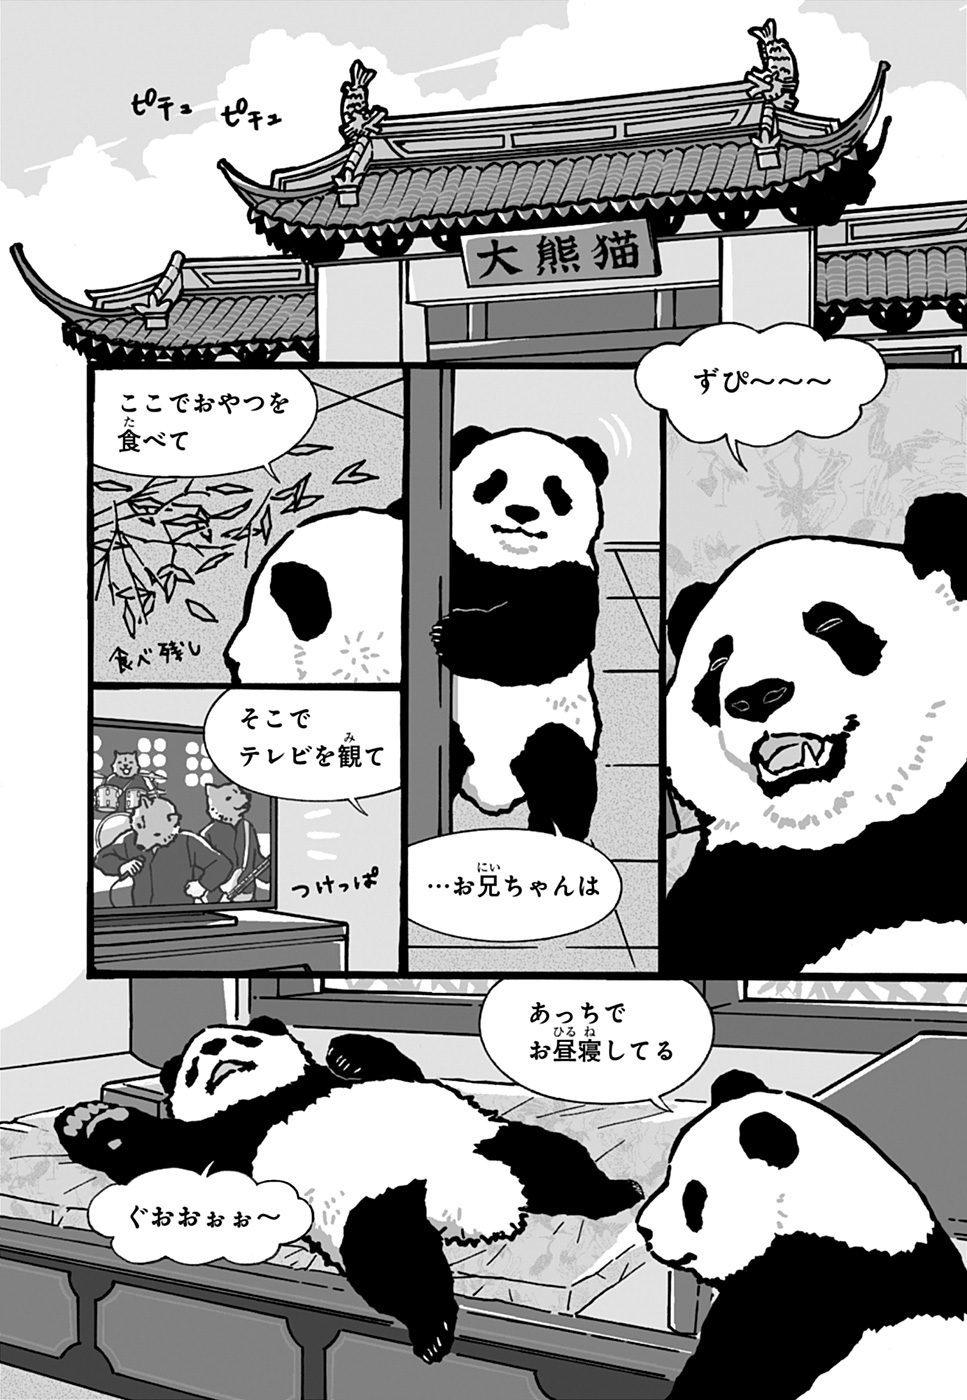 しろくまカフェ today's special 漫画試し読み2